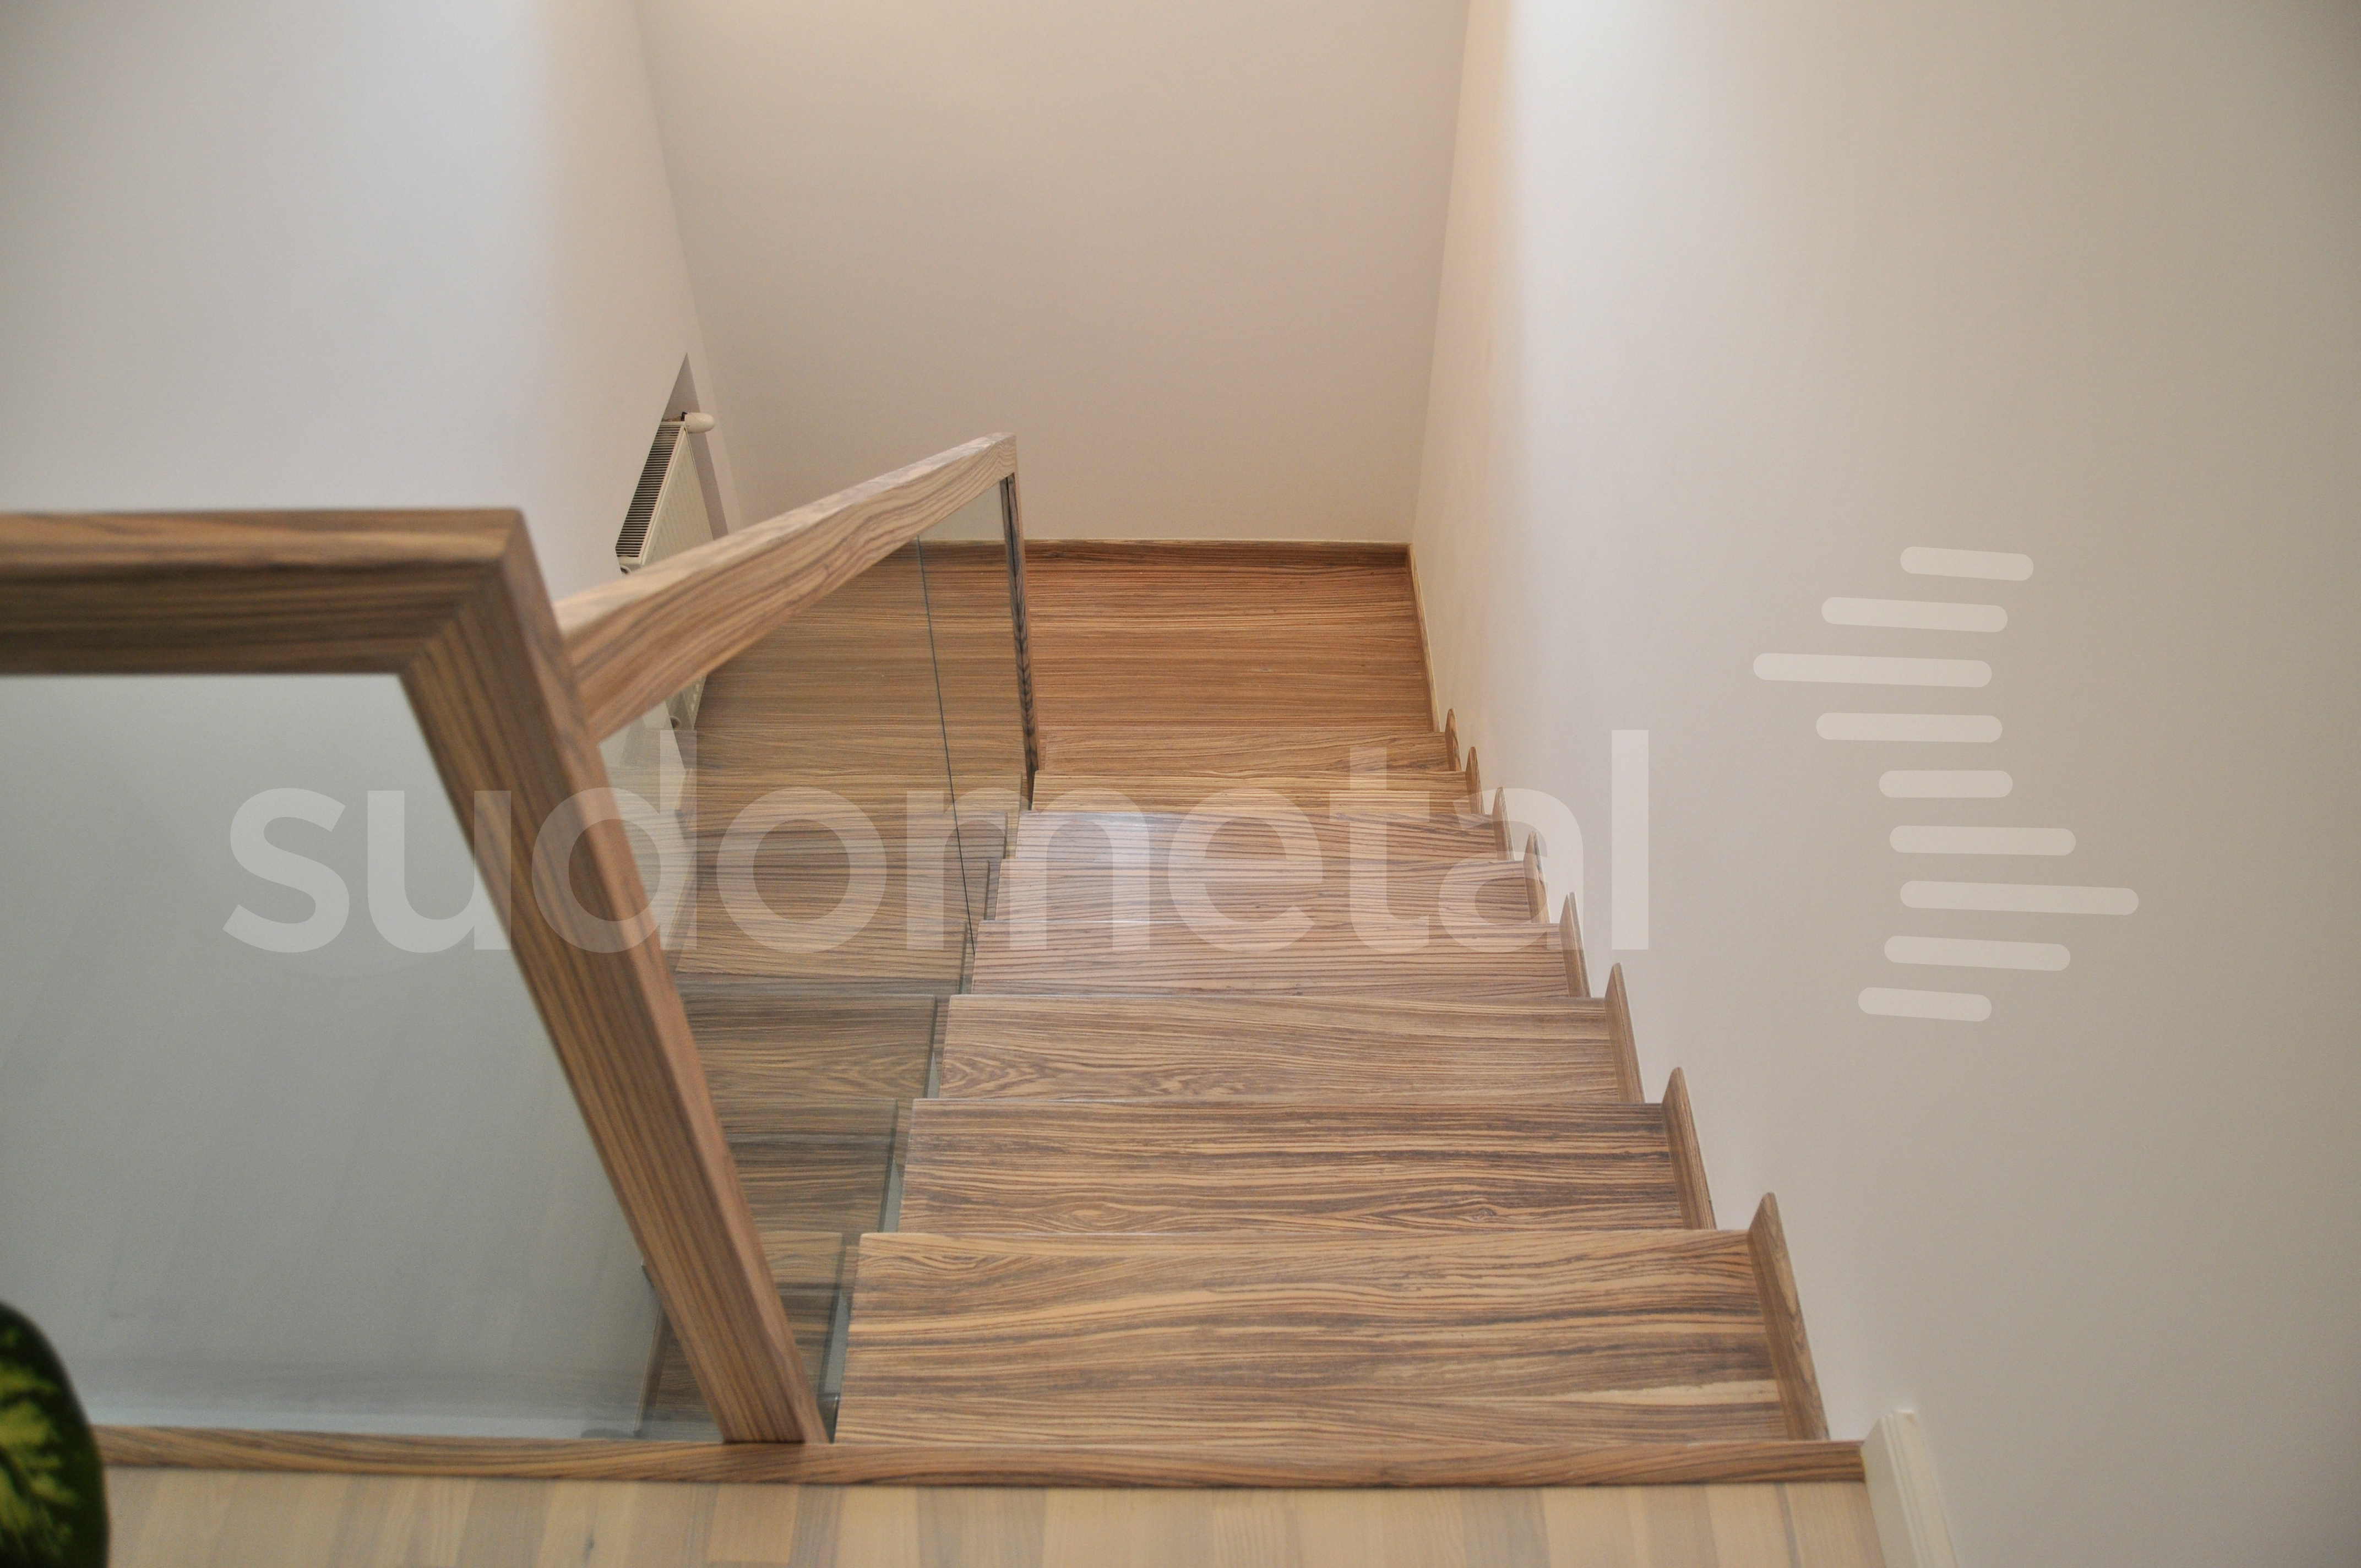 Balustrade, maini curente placate cu lemn SUDOMETAL - Poza 2